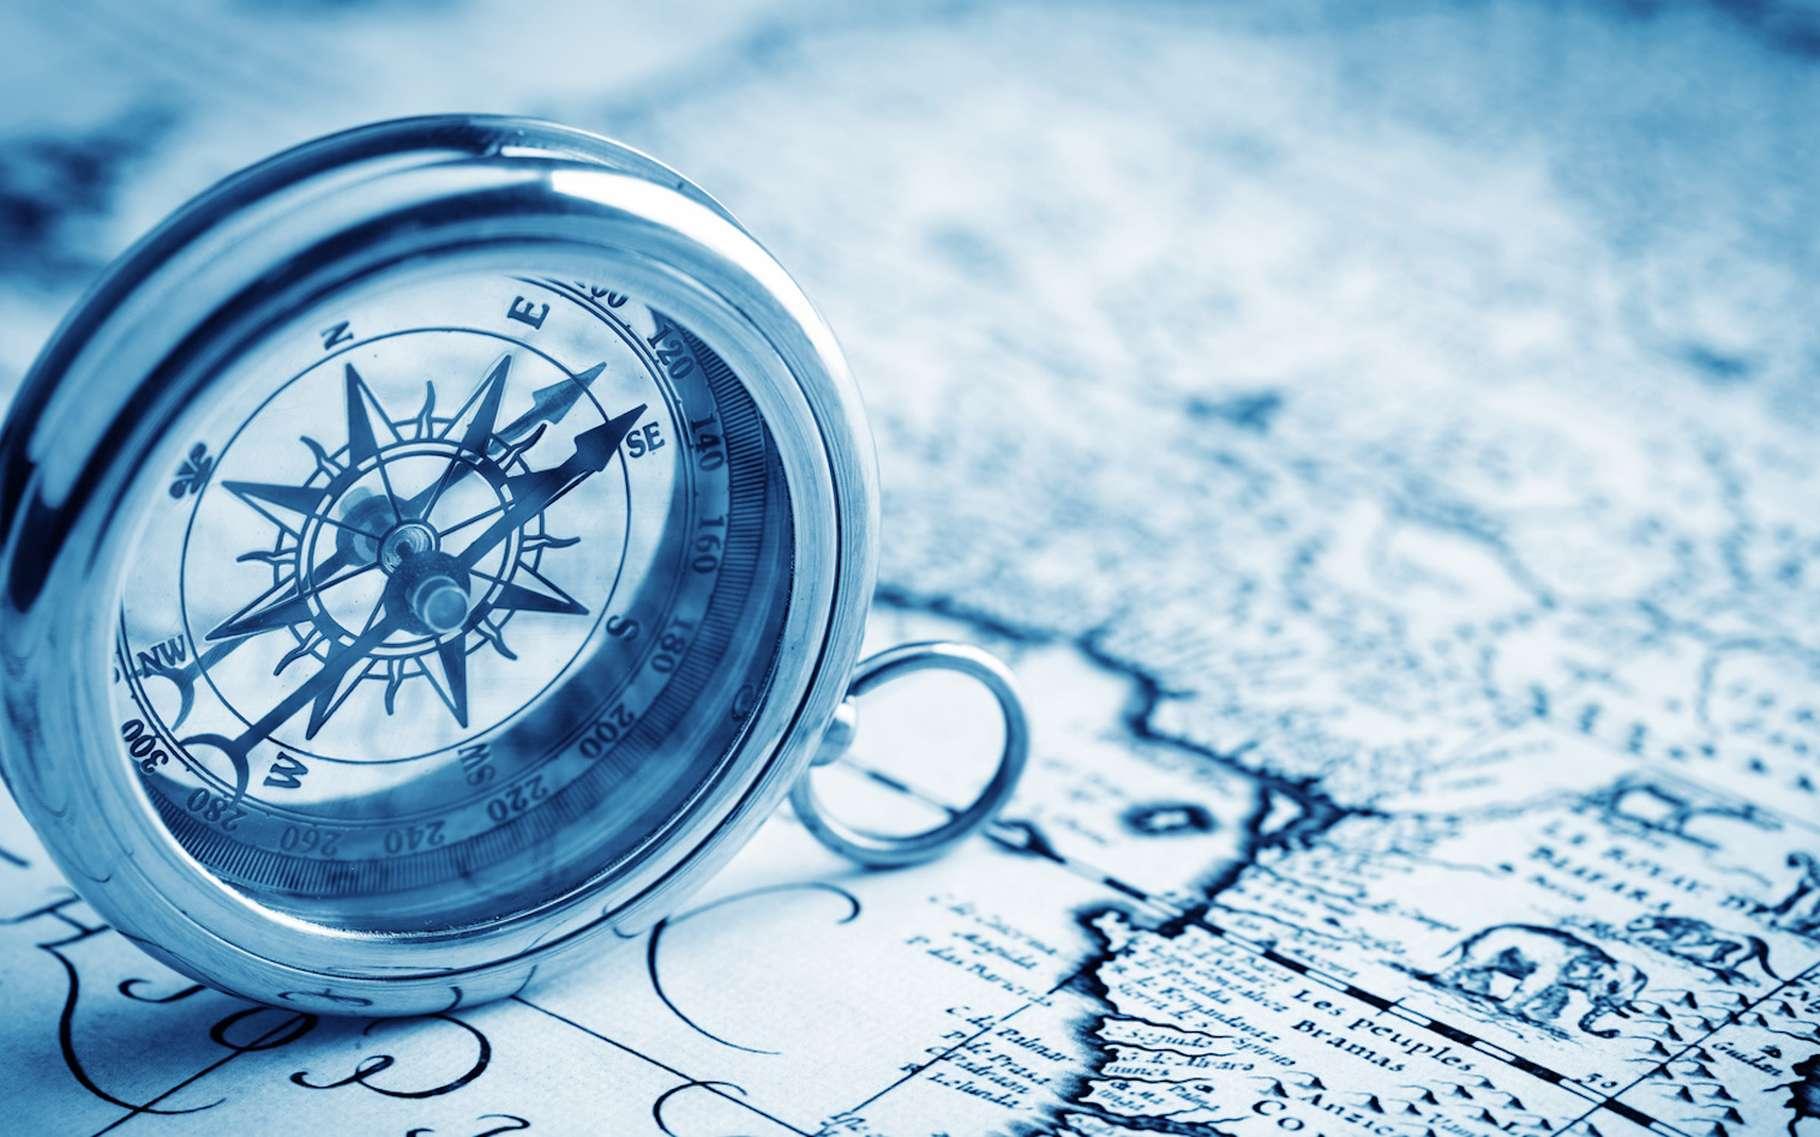 La latitude donne l'une des coordonnées géographiques d'un point à la surface du globe terrestre. © Alexstar, Fotolia